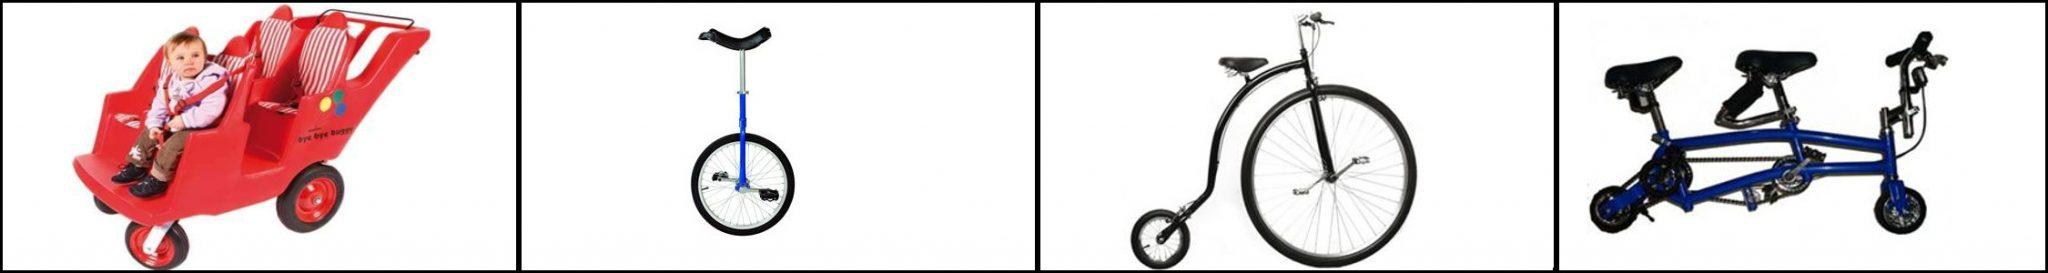 sjove cykler og køretøjer